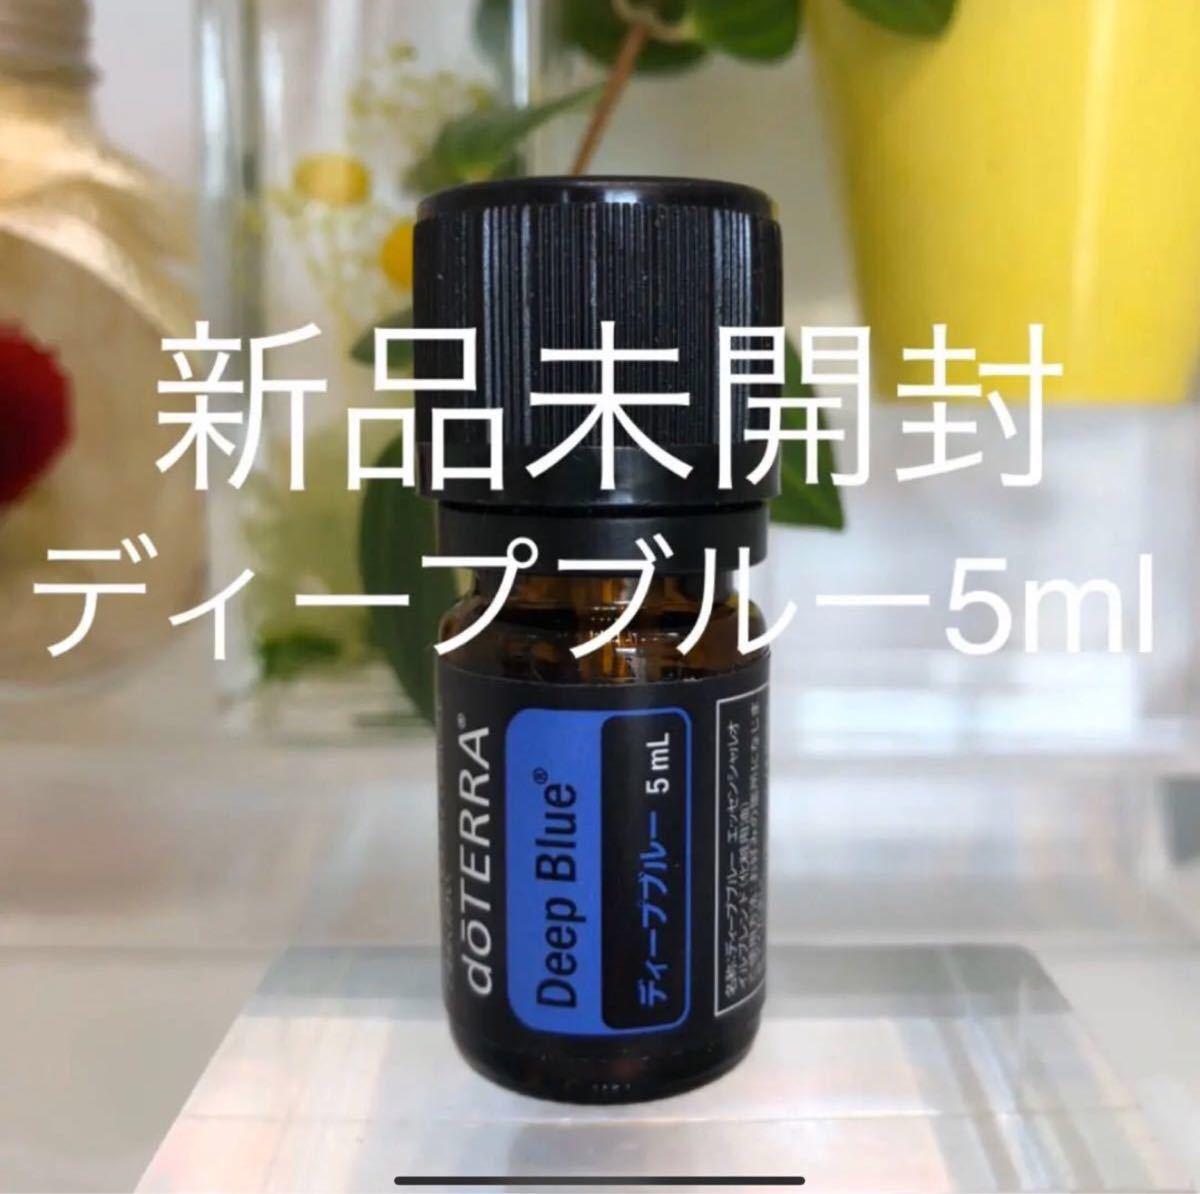 ドテラ ディープブルー 5ml ★正規品★新品未開封★